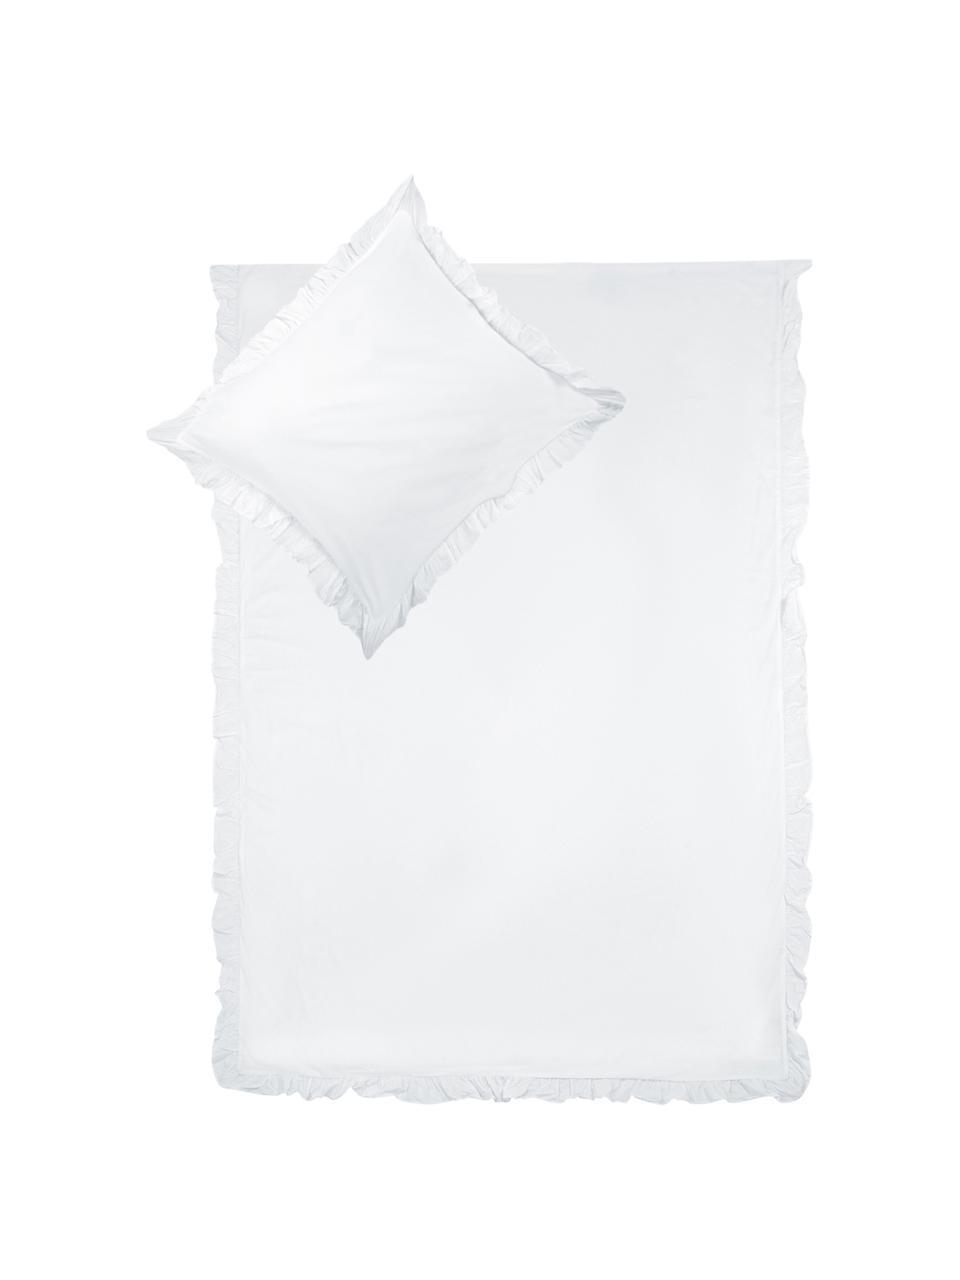 Gewassen katoenen dekbedovertrek Florence met franjes, Weeftechniek: perkal Draaddichtheid 180, Wit, 240 x 220 cm